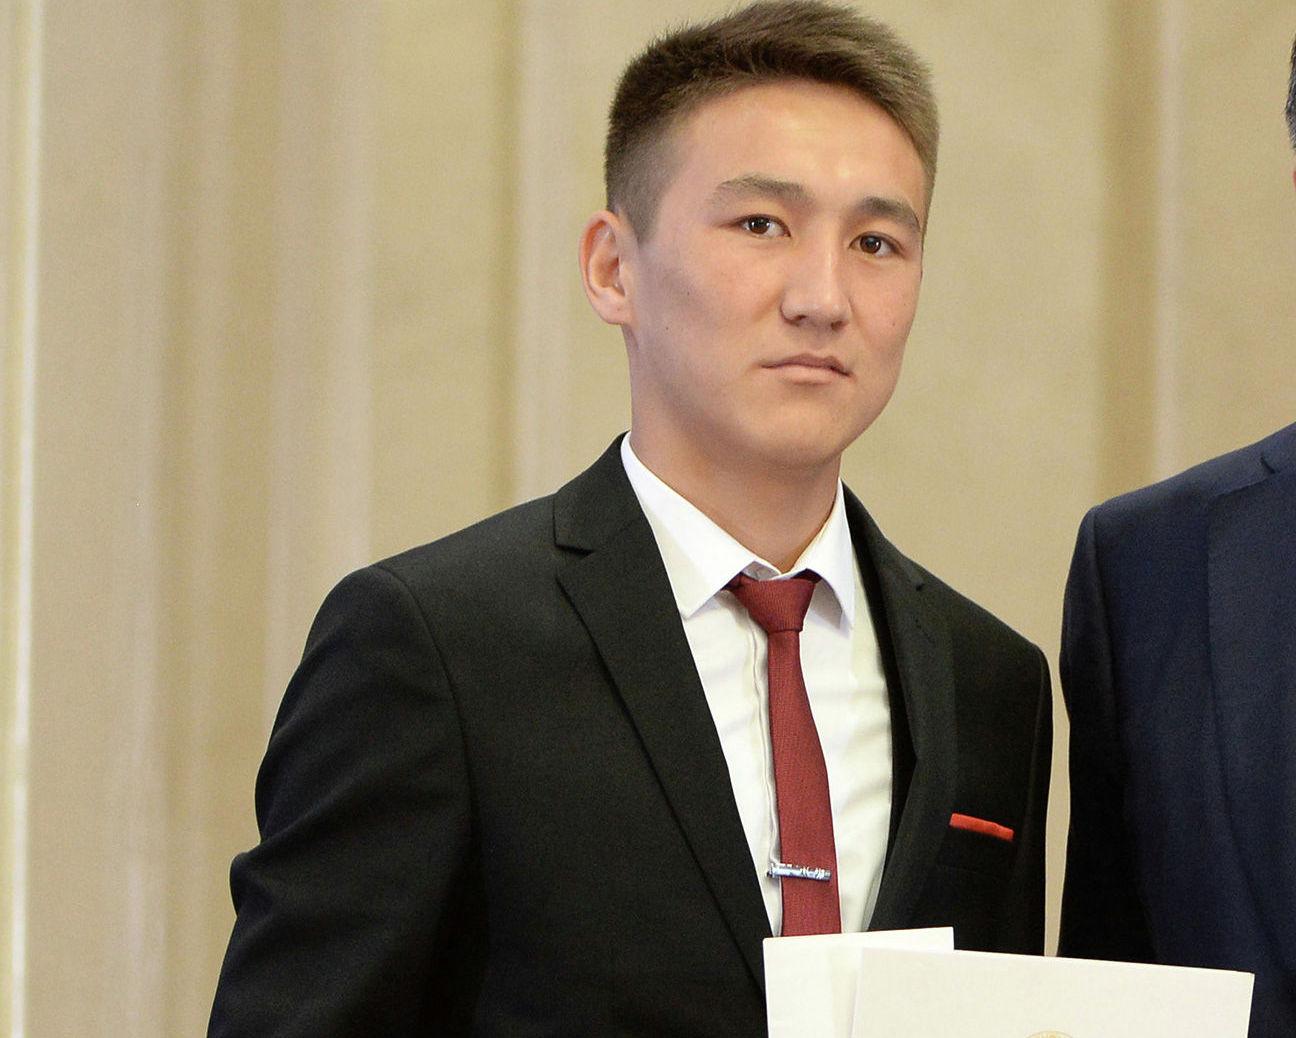 Выпускник кыргызско-турецкого мужского лицея имени Курманбека баатыра Элдияр Чормонов